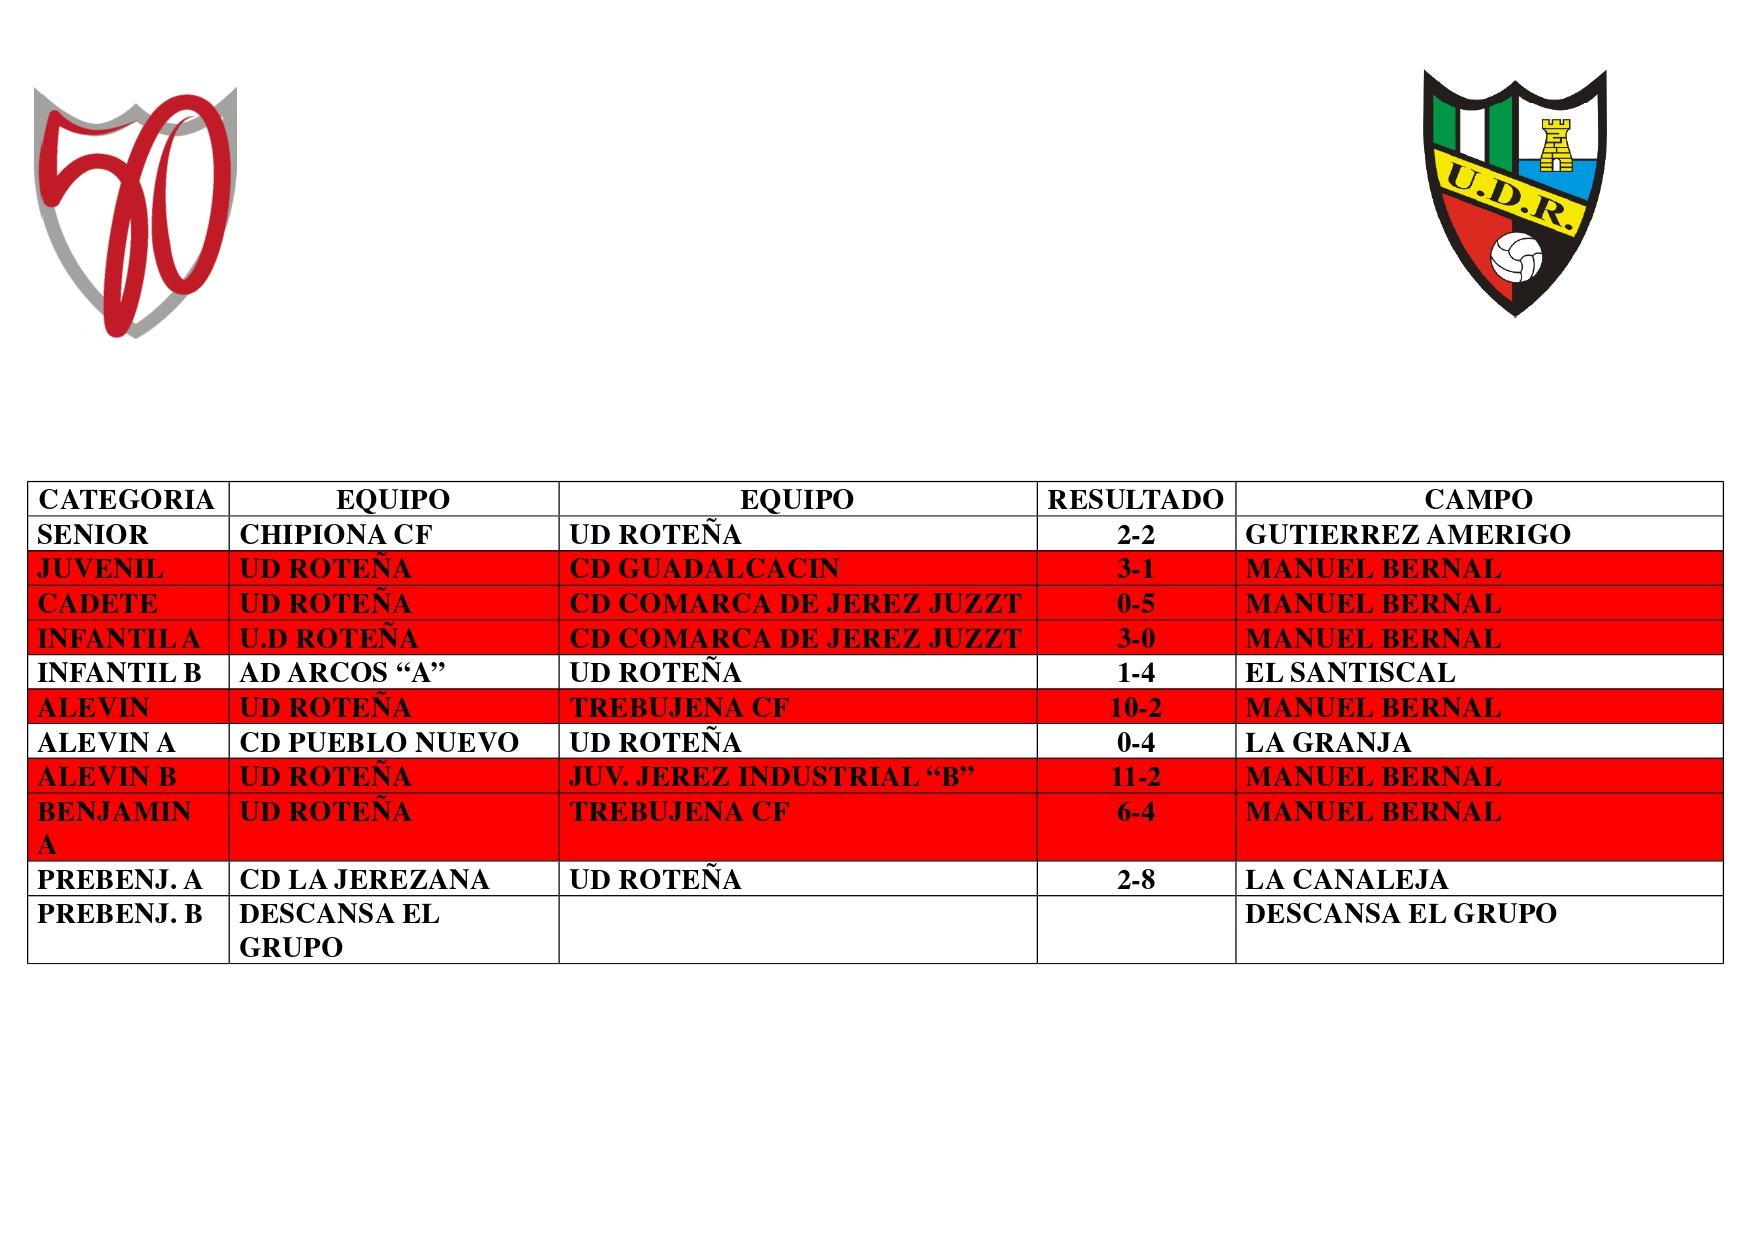 La jornada de nuestros equipos (del 1 al 3 de noviembre)